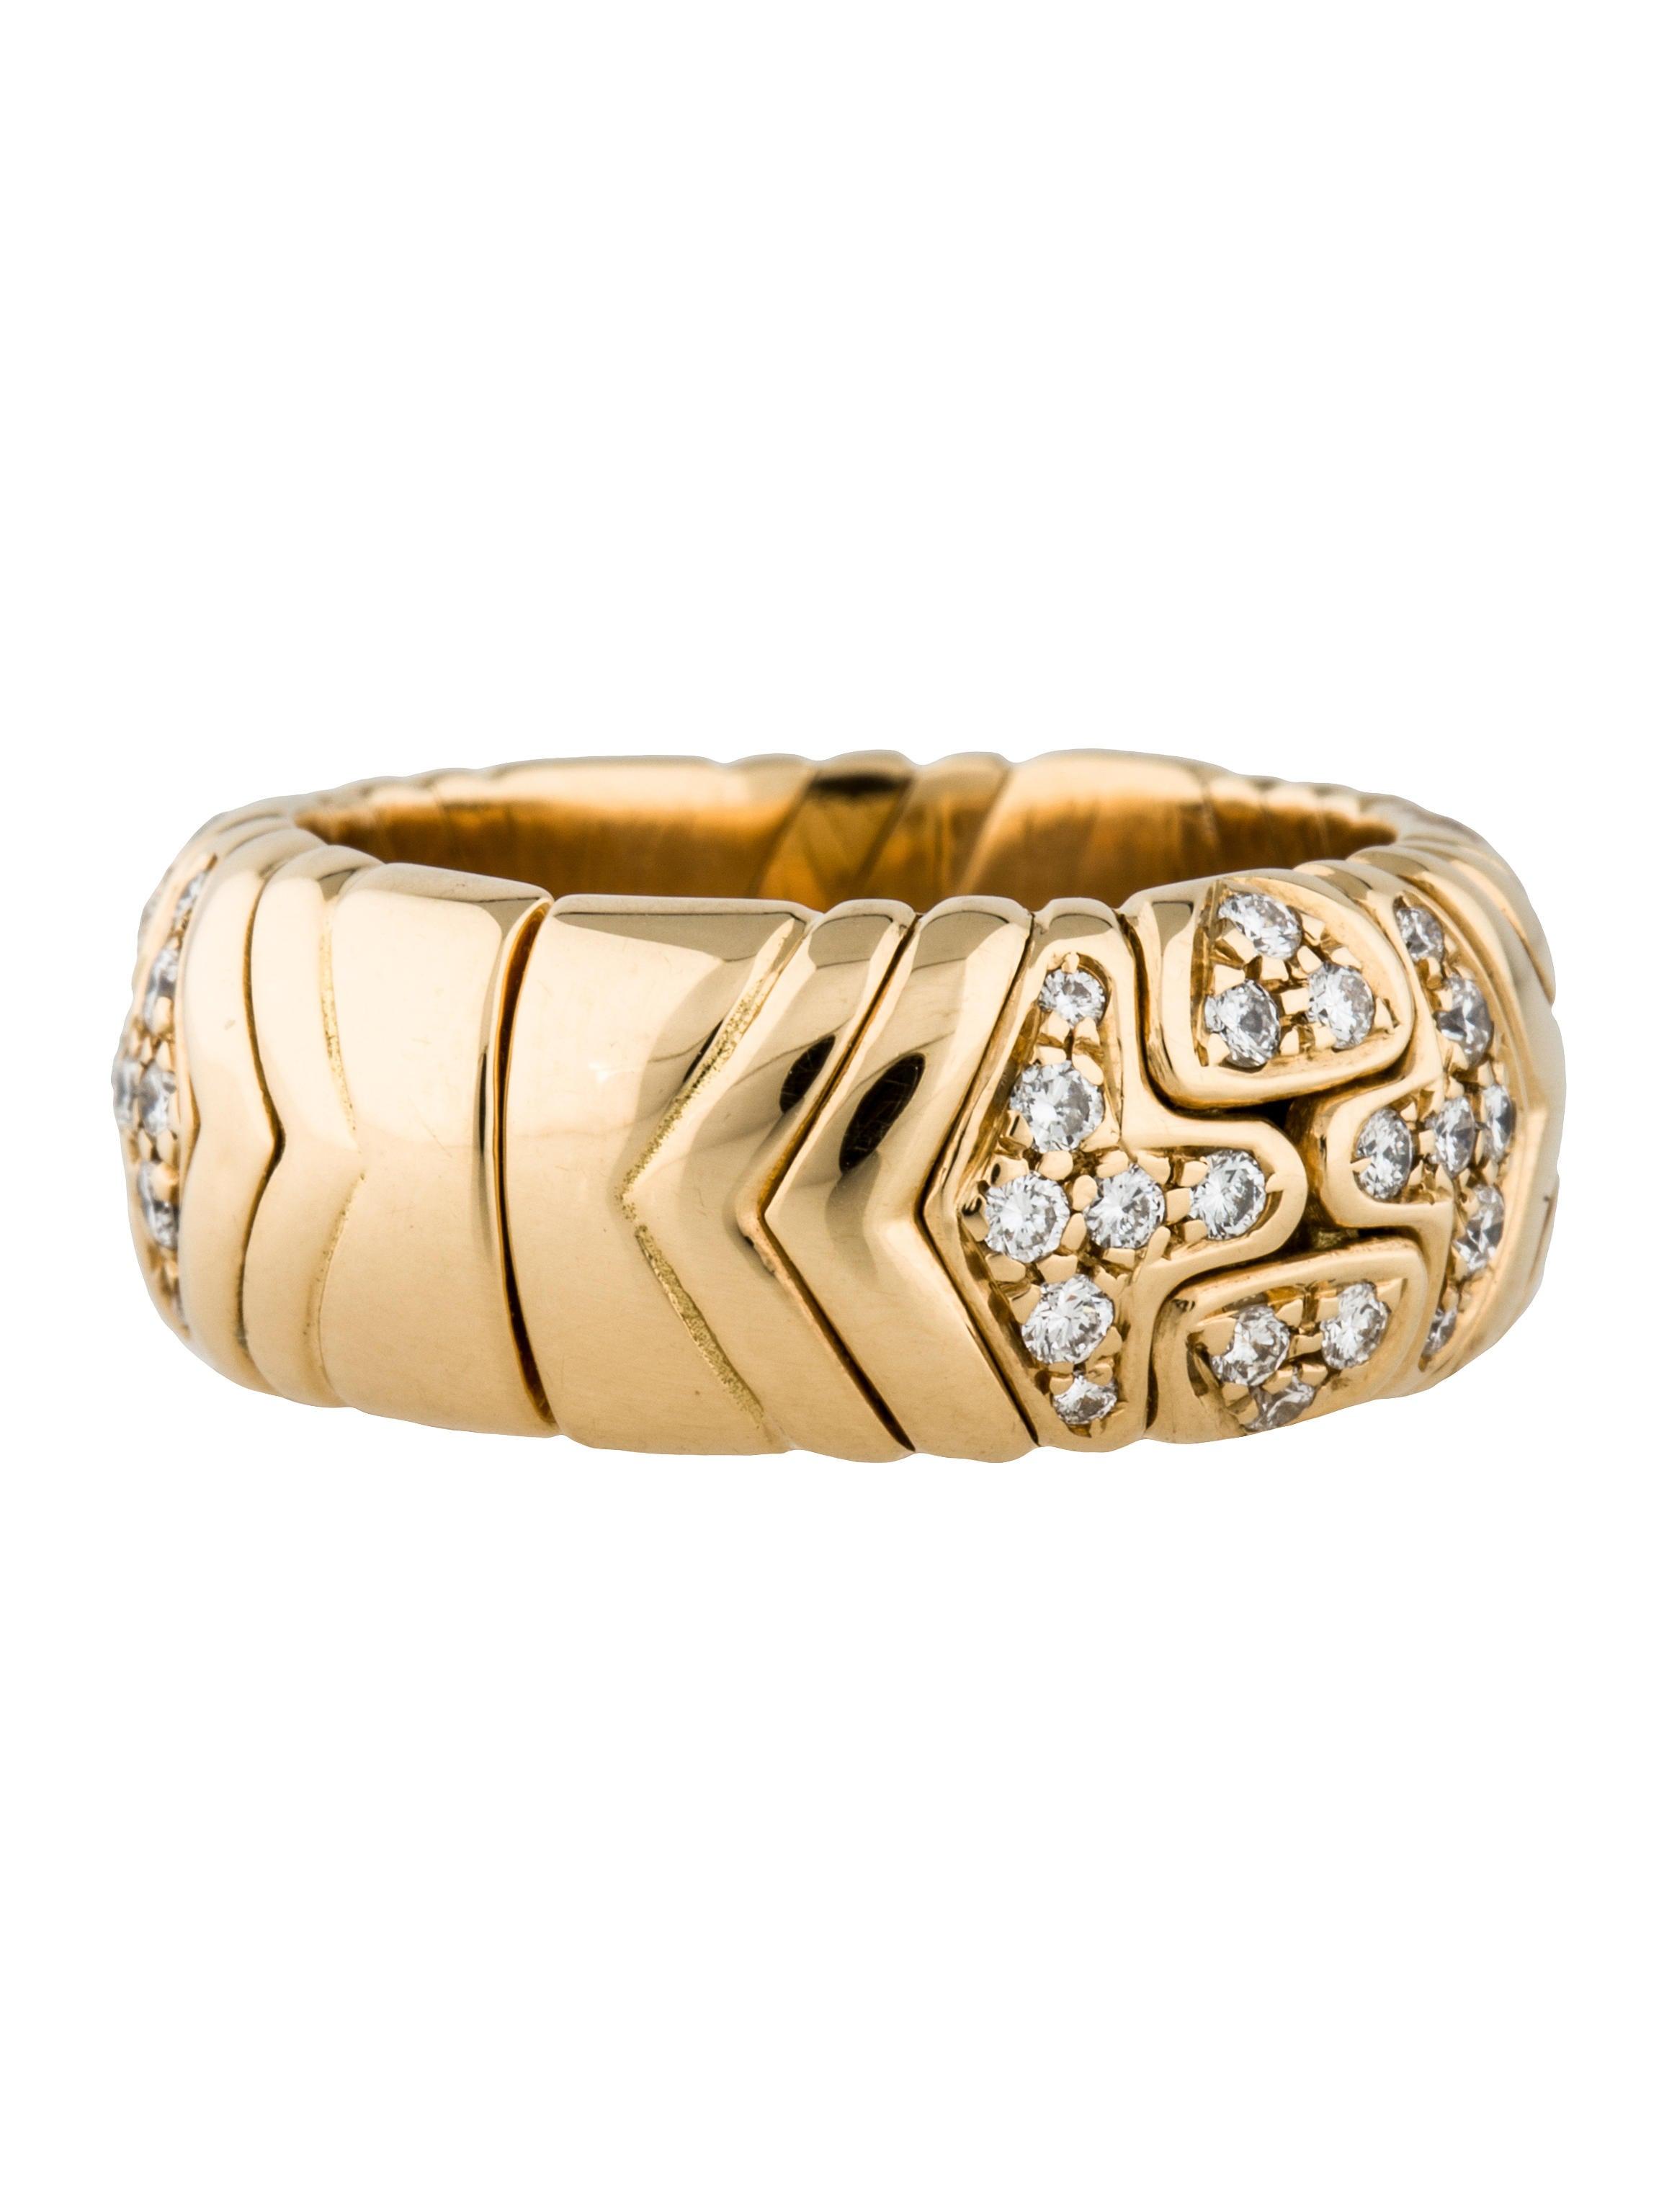 bvlgari parentesi ring rings bul22564 the